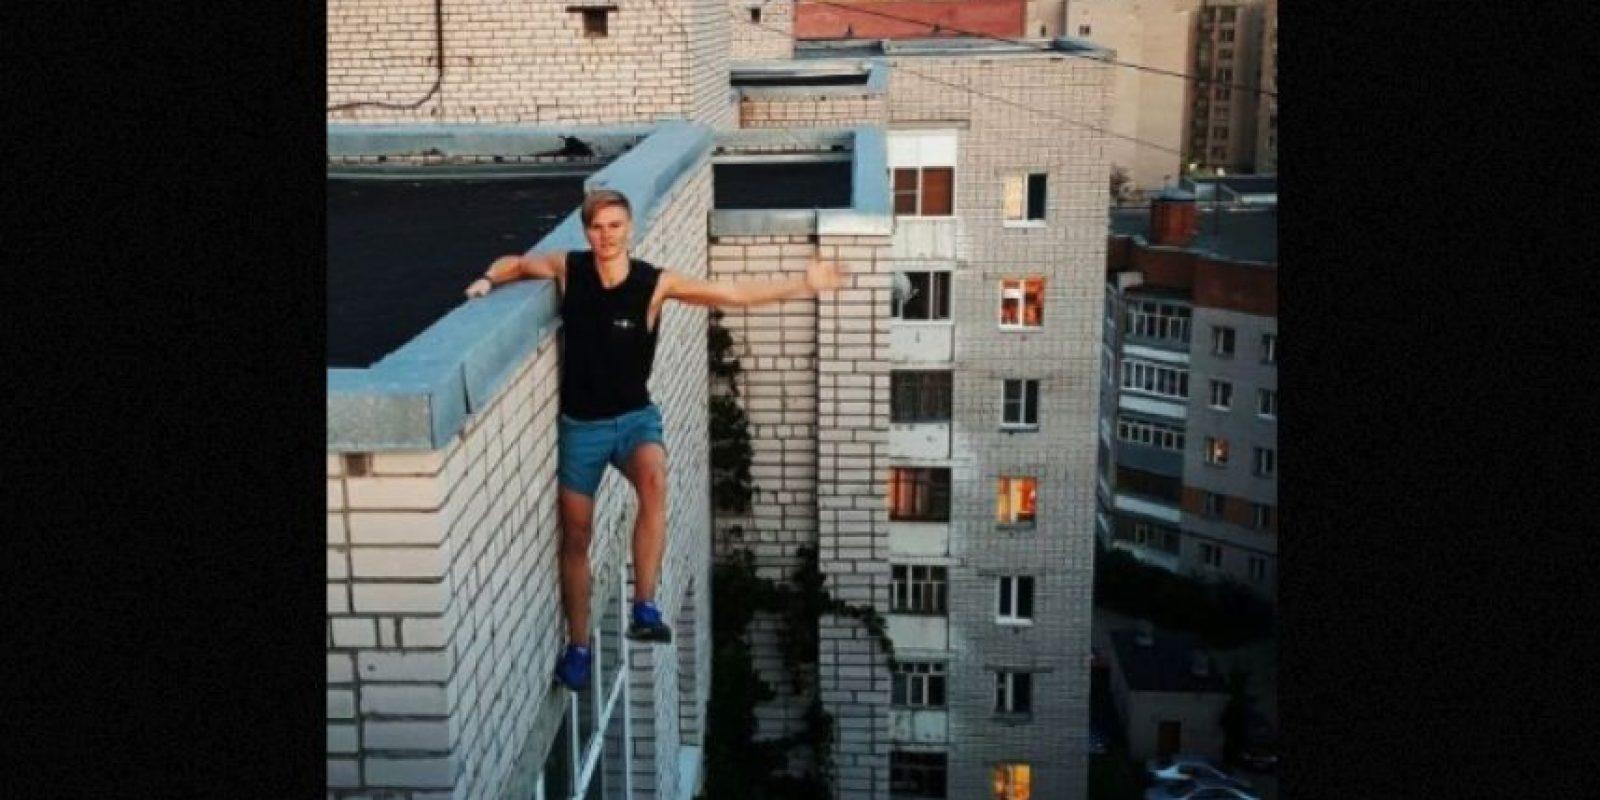 Andrey Retrovsky, de 17 años, murió al caer intentando una de sus selfies peligrosas Foto:Instagram.com/dresssik